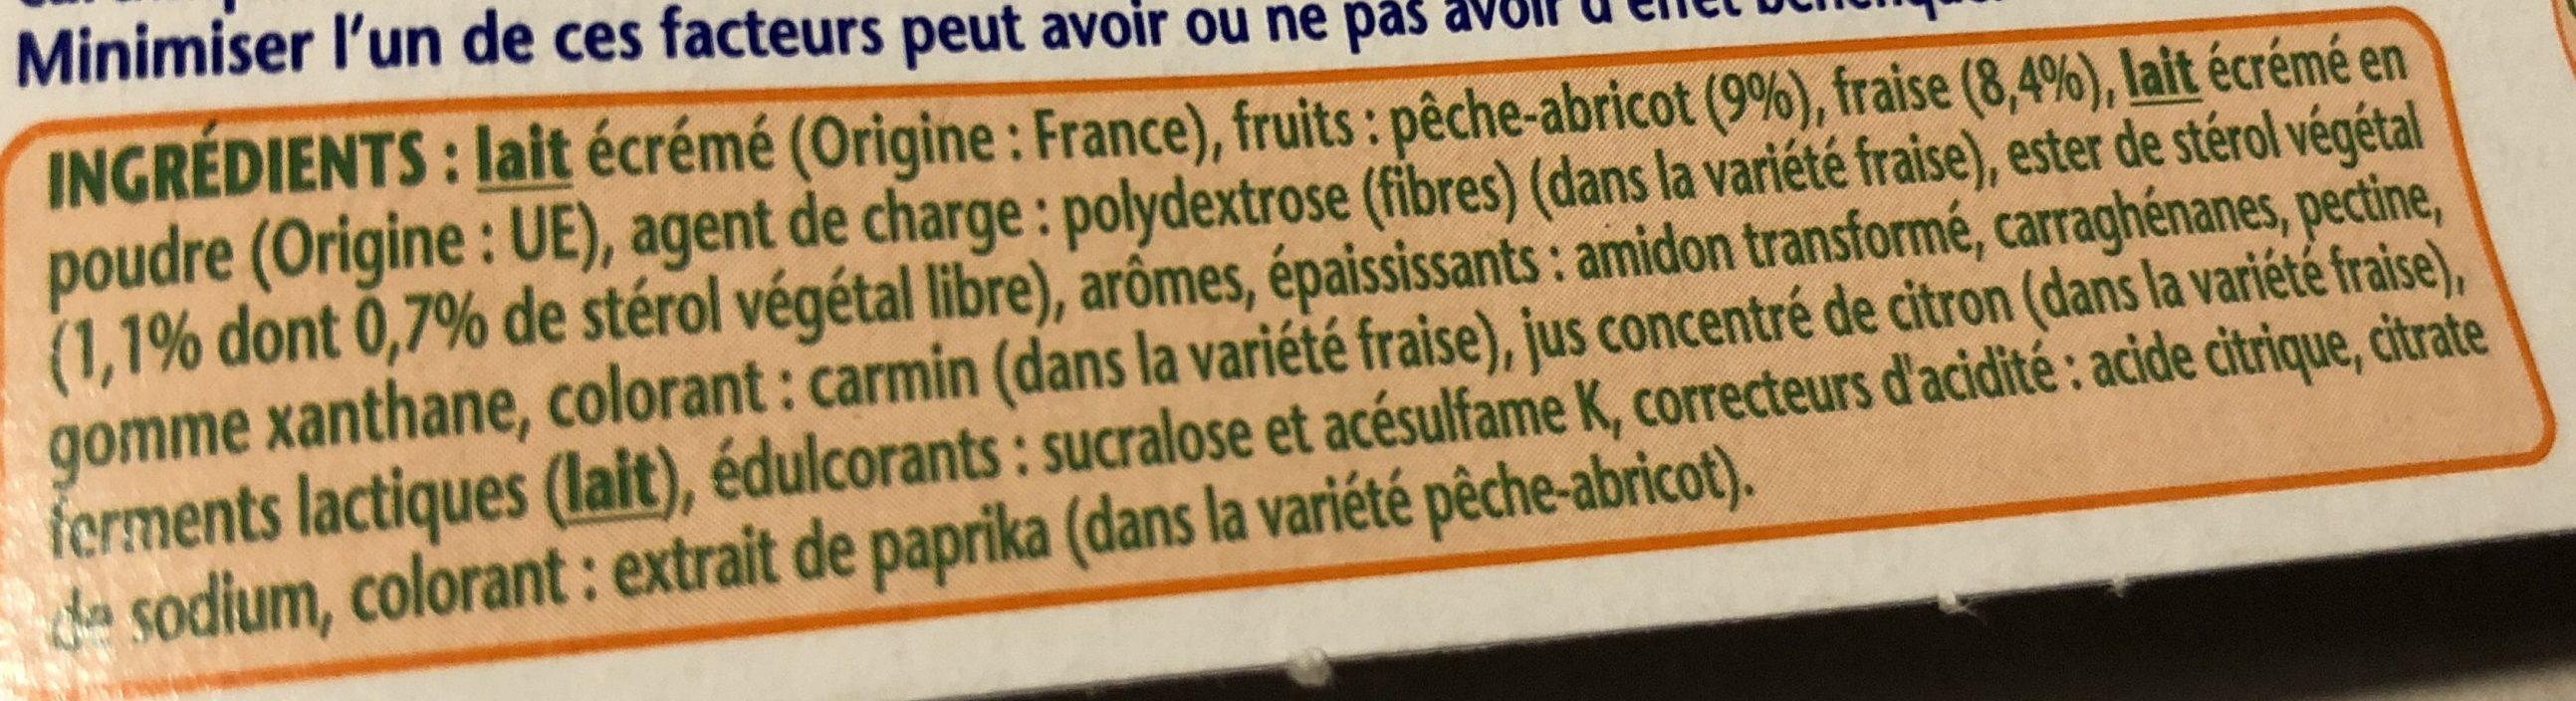 Danacol fraise / peche abricot - Ingrédients - fr